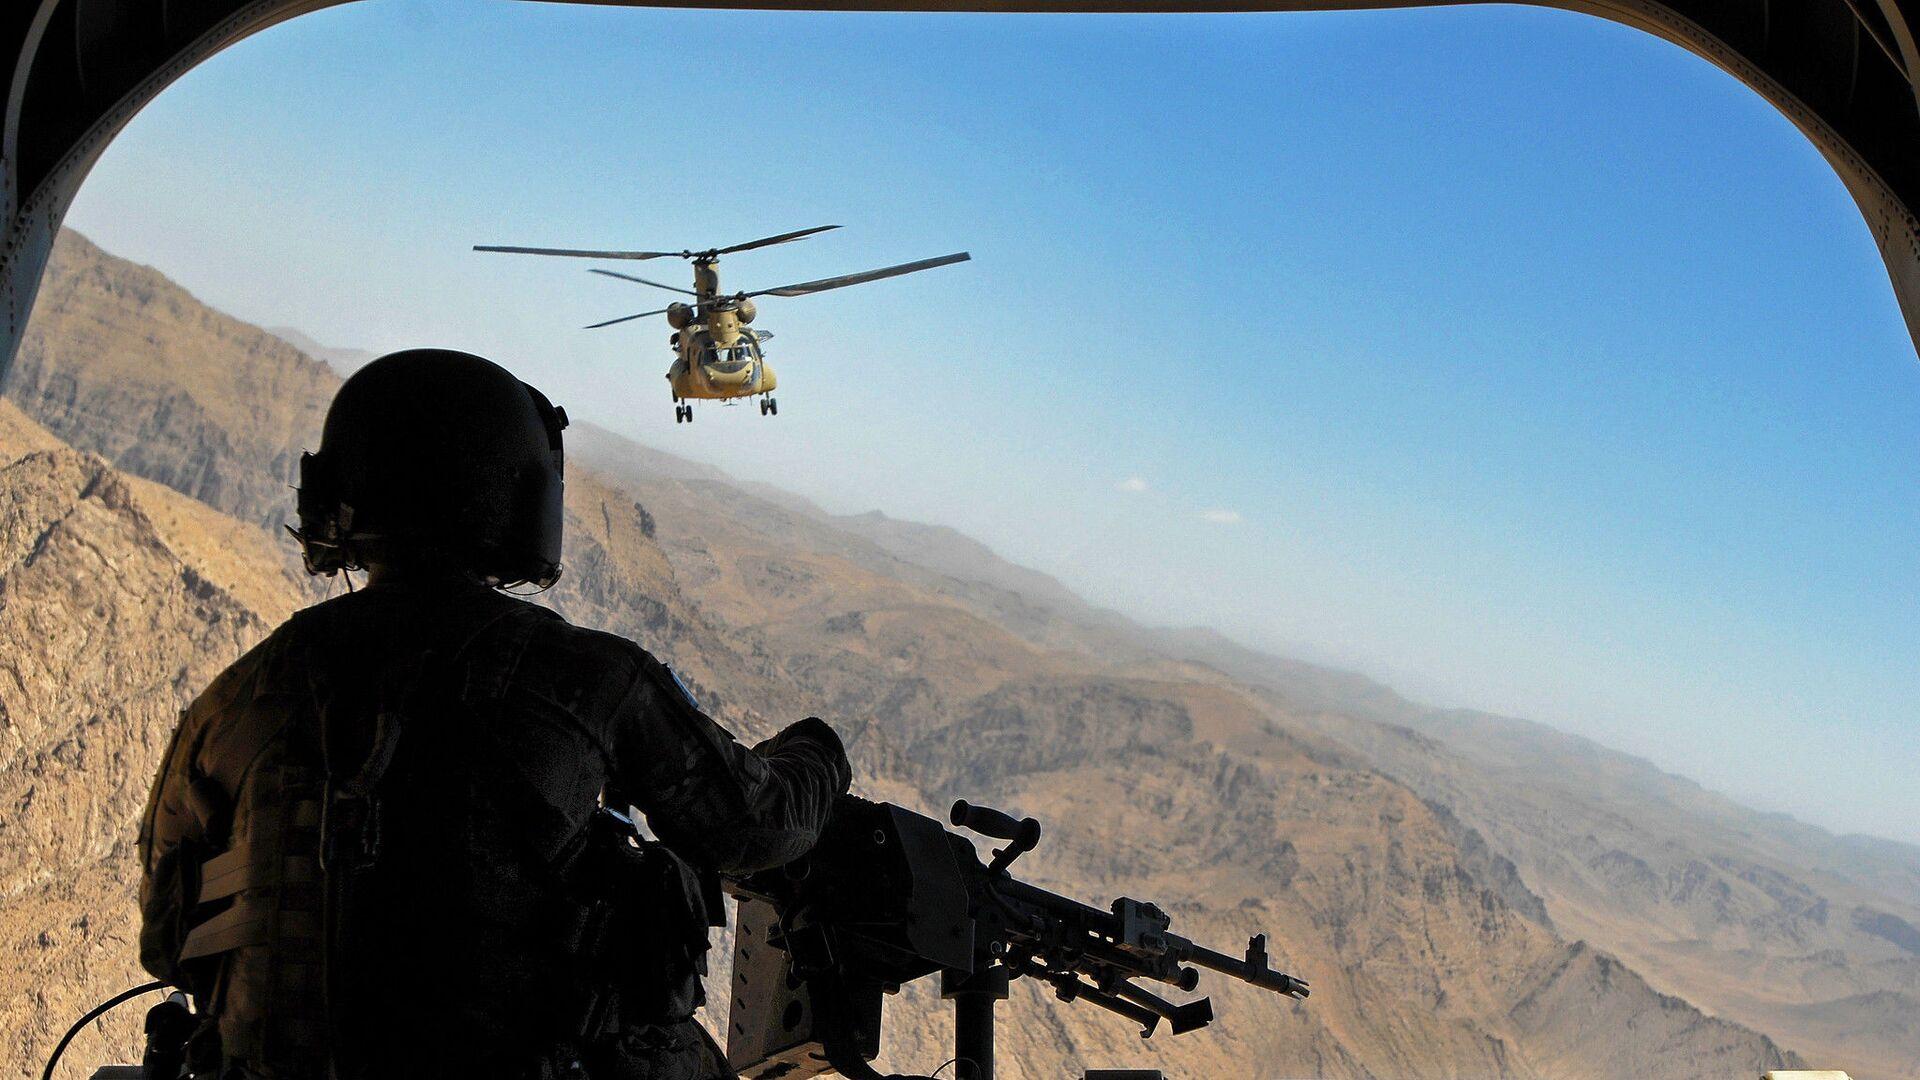 Американские военные в Афганистане - Sputnik Таджикистан, 1920, 12.07.2021